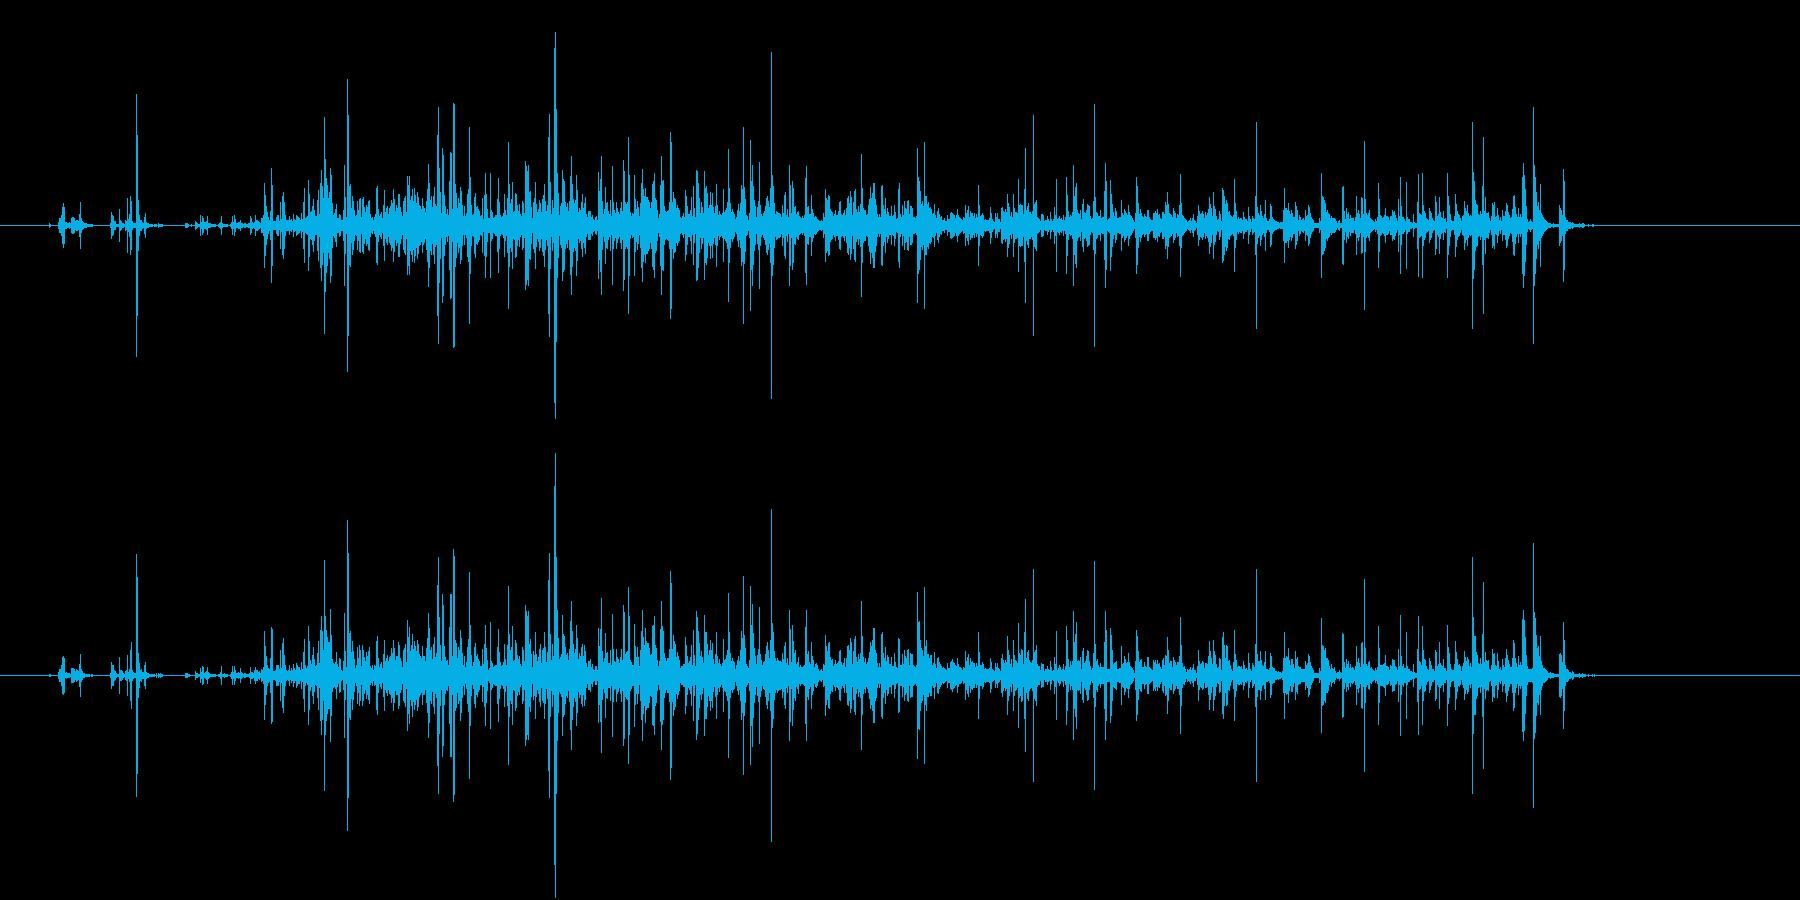 【生録音】コップに飲み物を注ぐ音の再生済みの波形